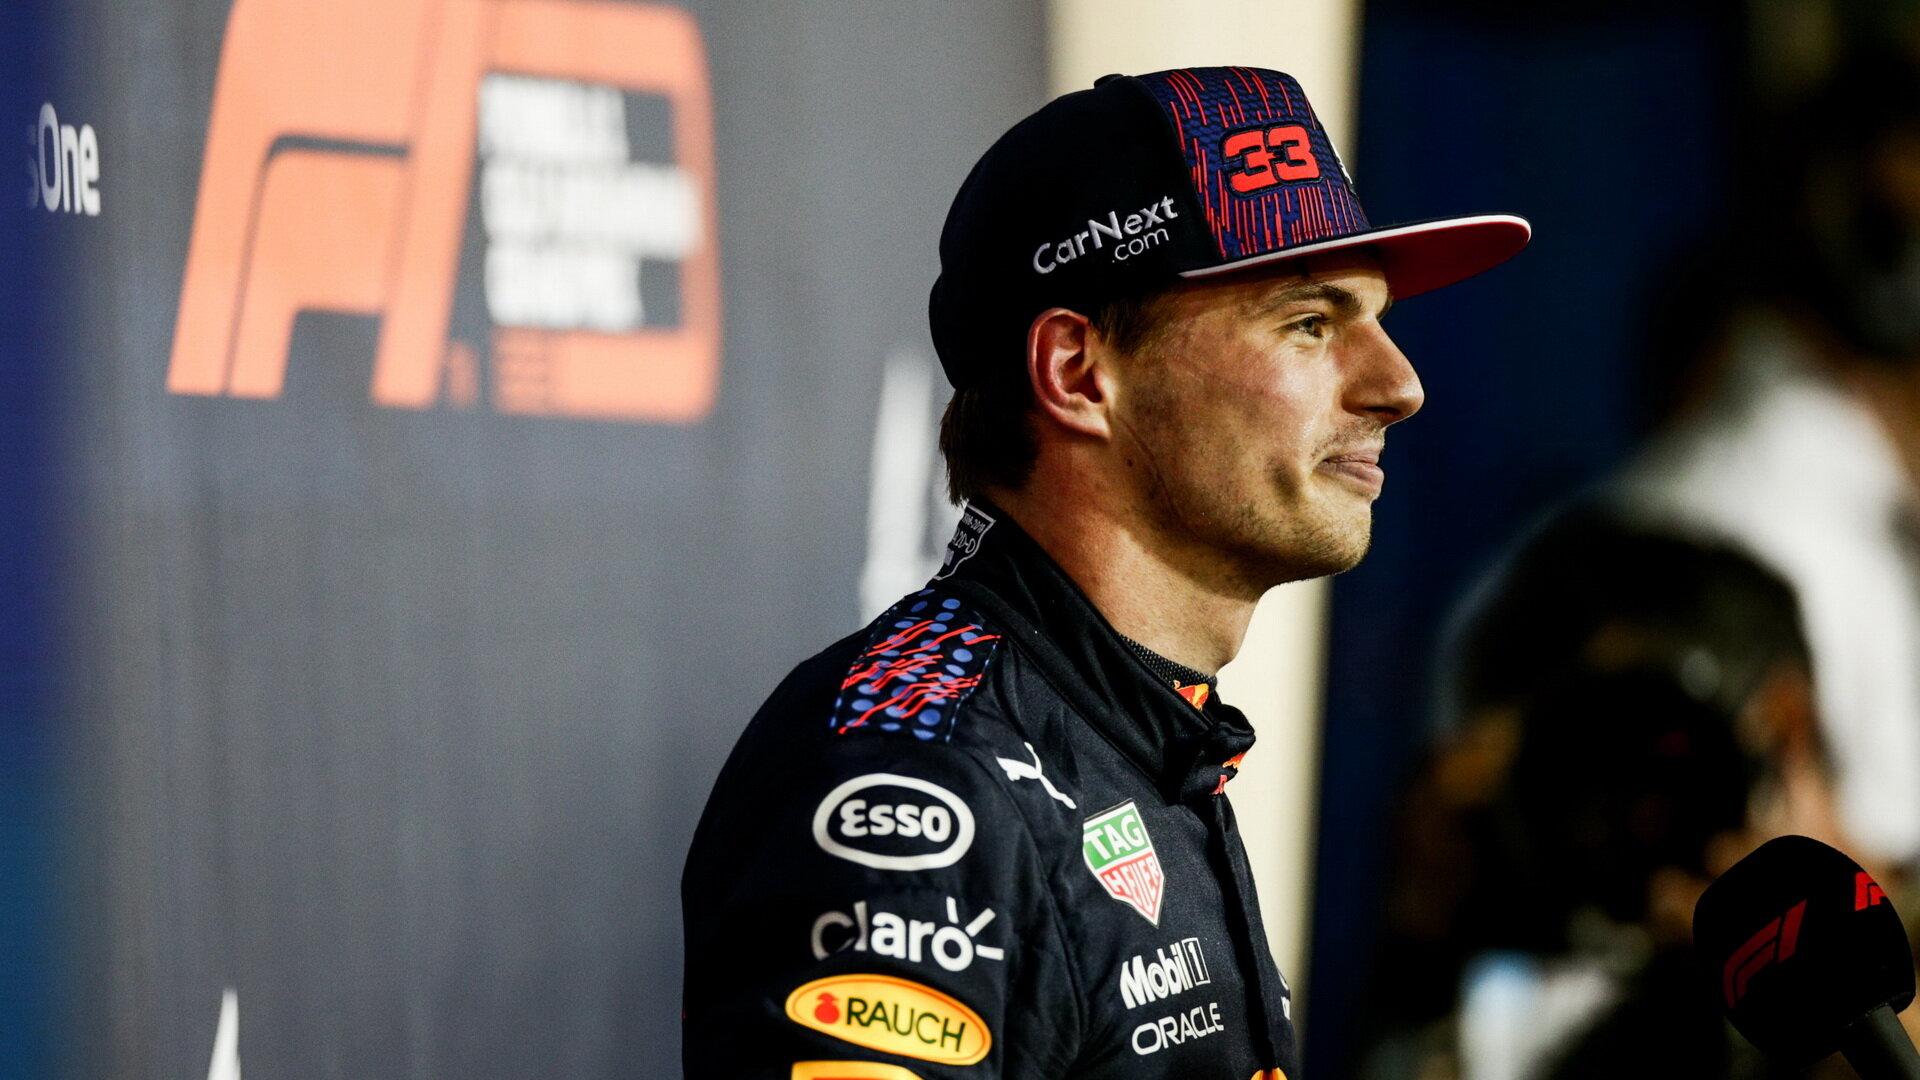 Max Verstappen letos může bojovat o titul, úvodní bitvu však s Hamiltonem prohrál